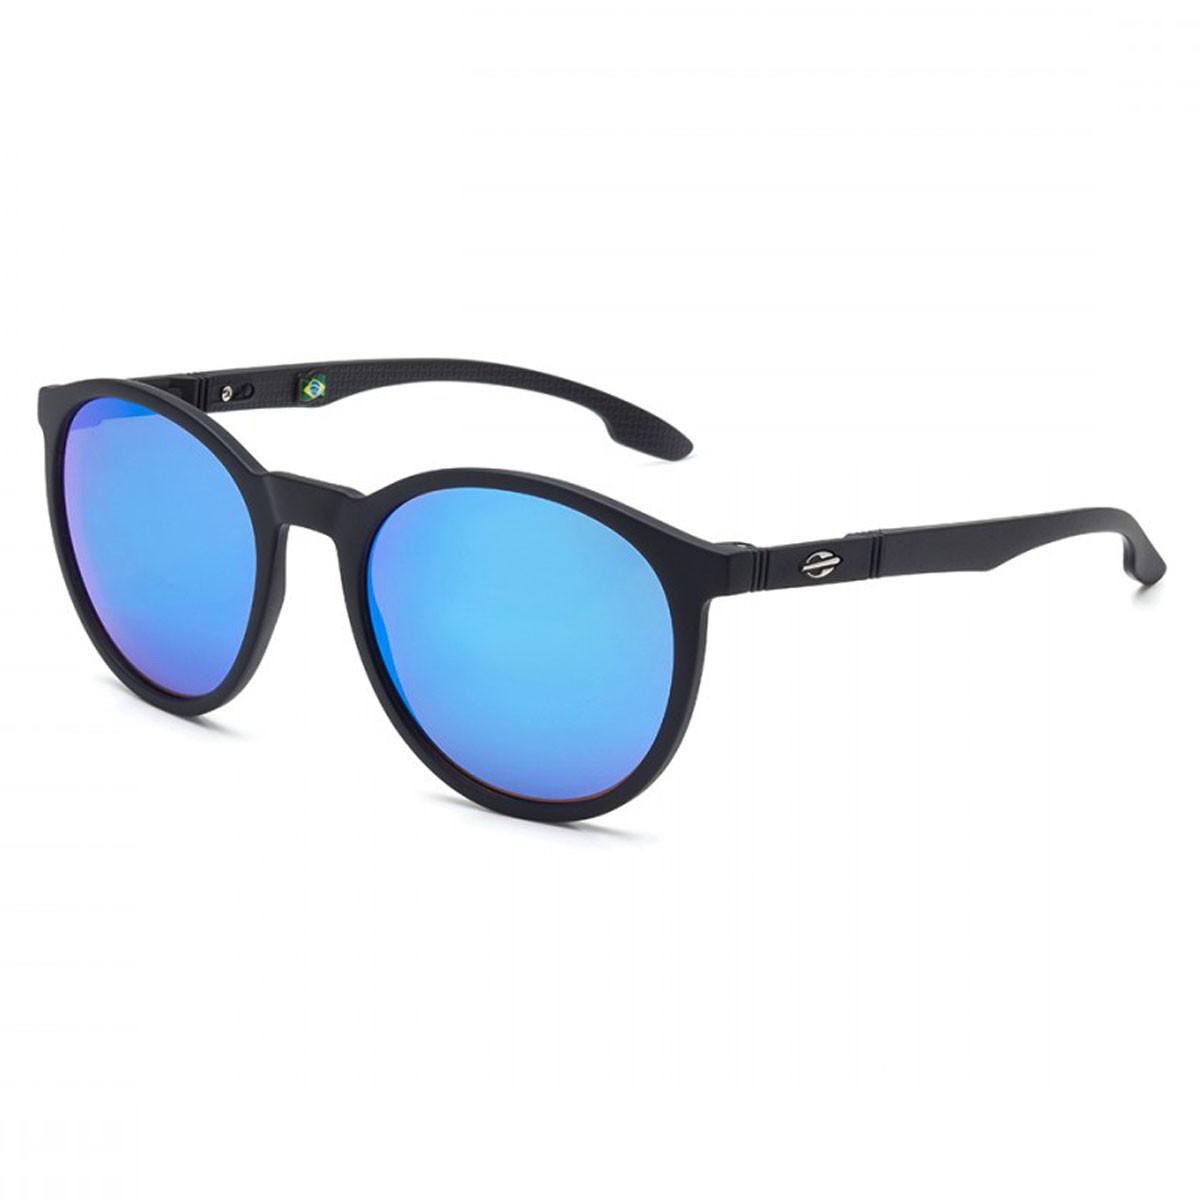 ade67289e97e9 Óculos Mormaii Maui Preto Fosco  Lente Azul Espelhado ref M0035A1497